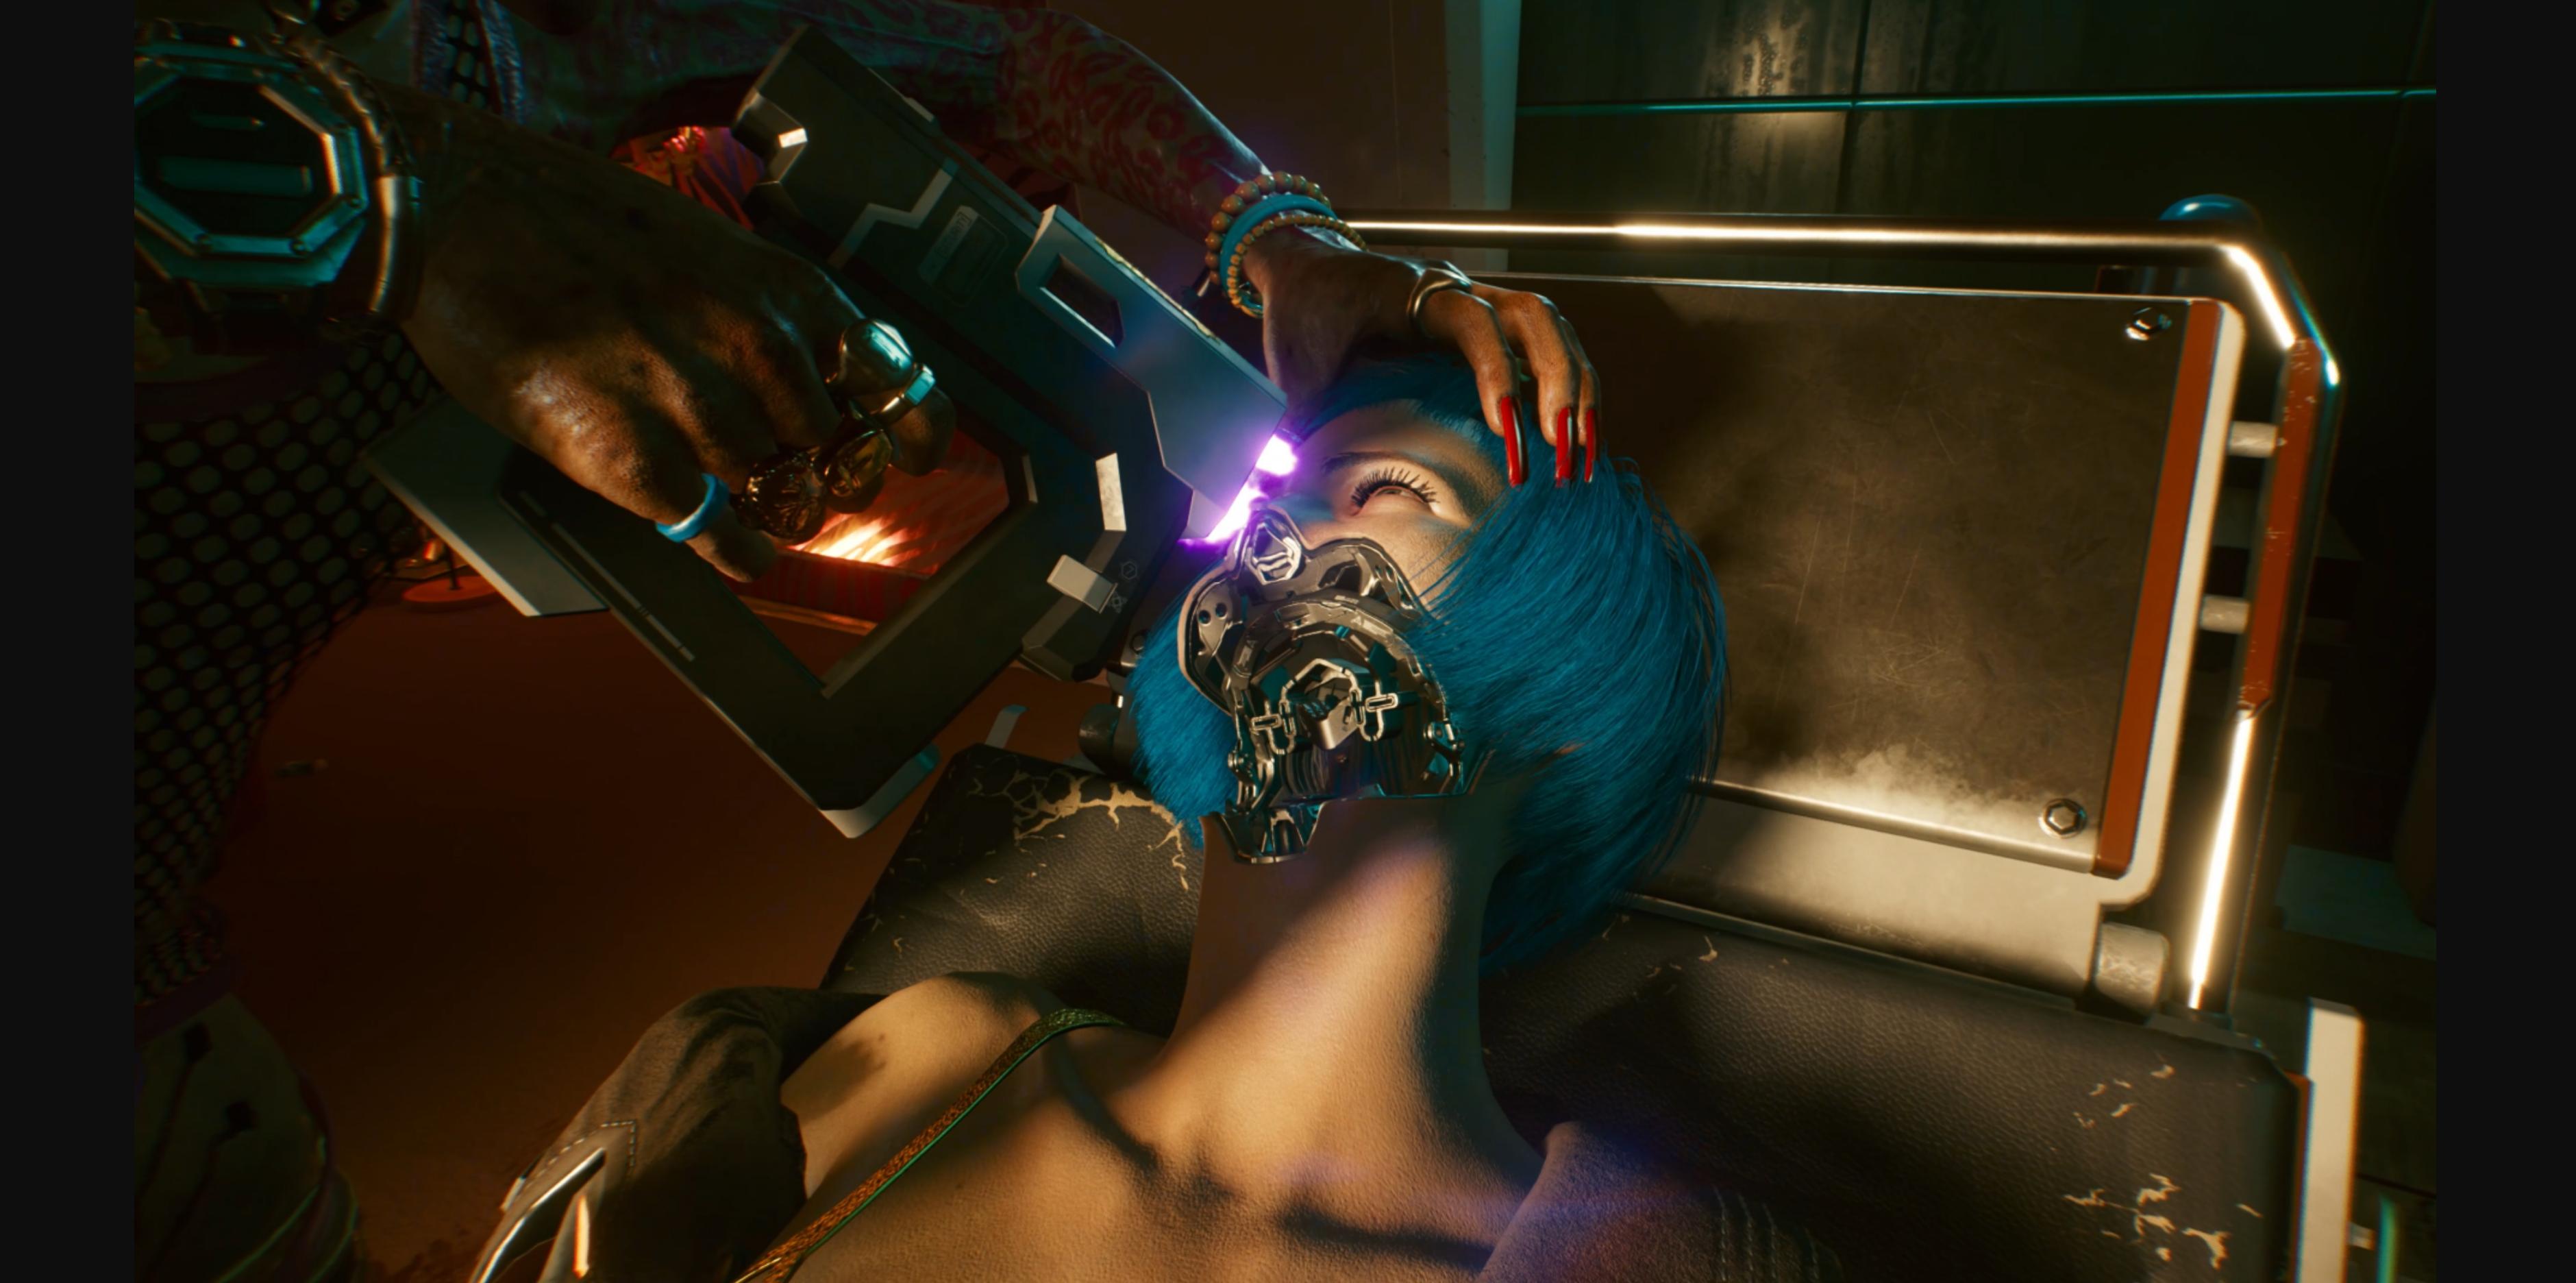 Без имени.png - Cyberpunk 2077